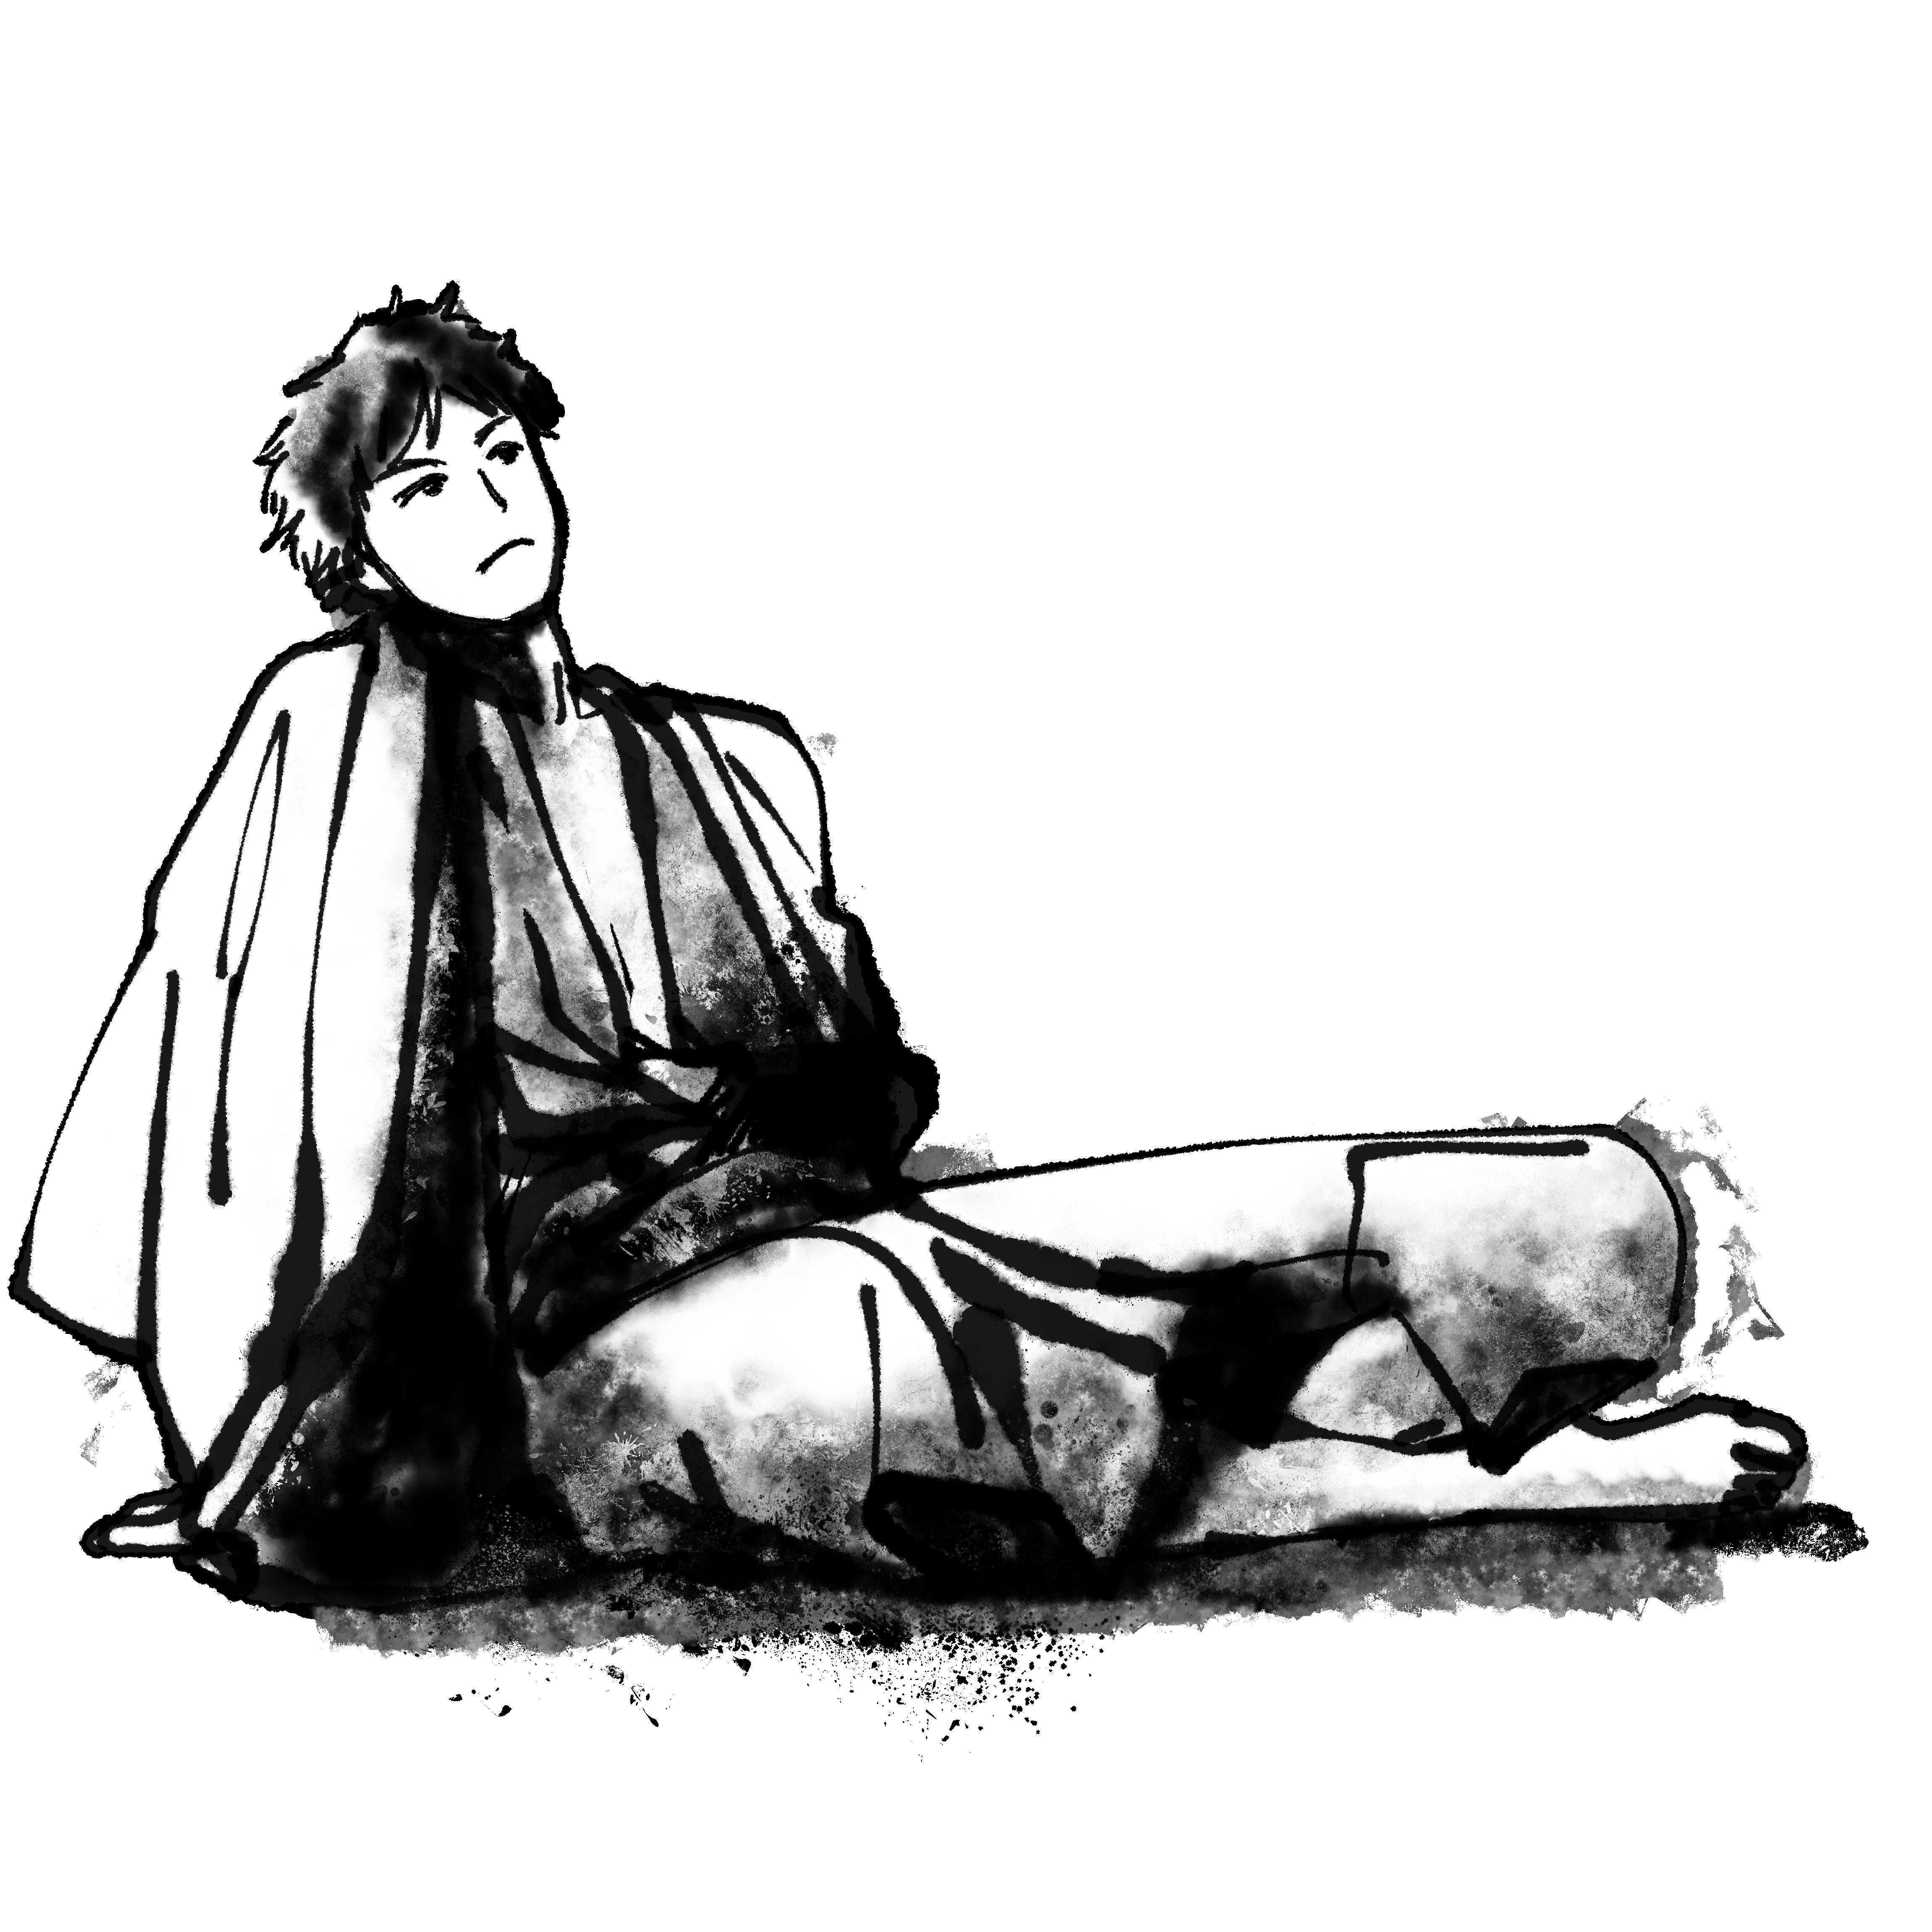 あぐらを崩して座る男性のイラスト Man sitting cross-legged  Illustration